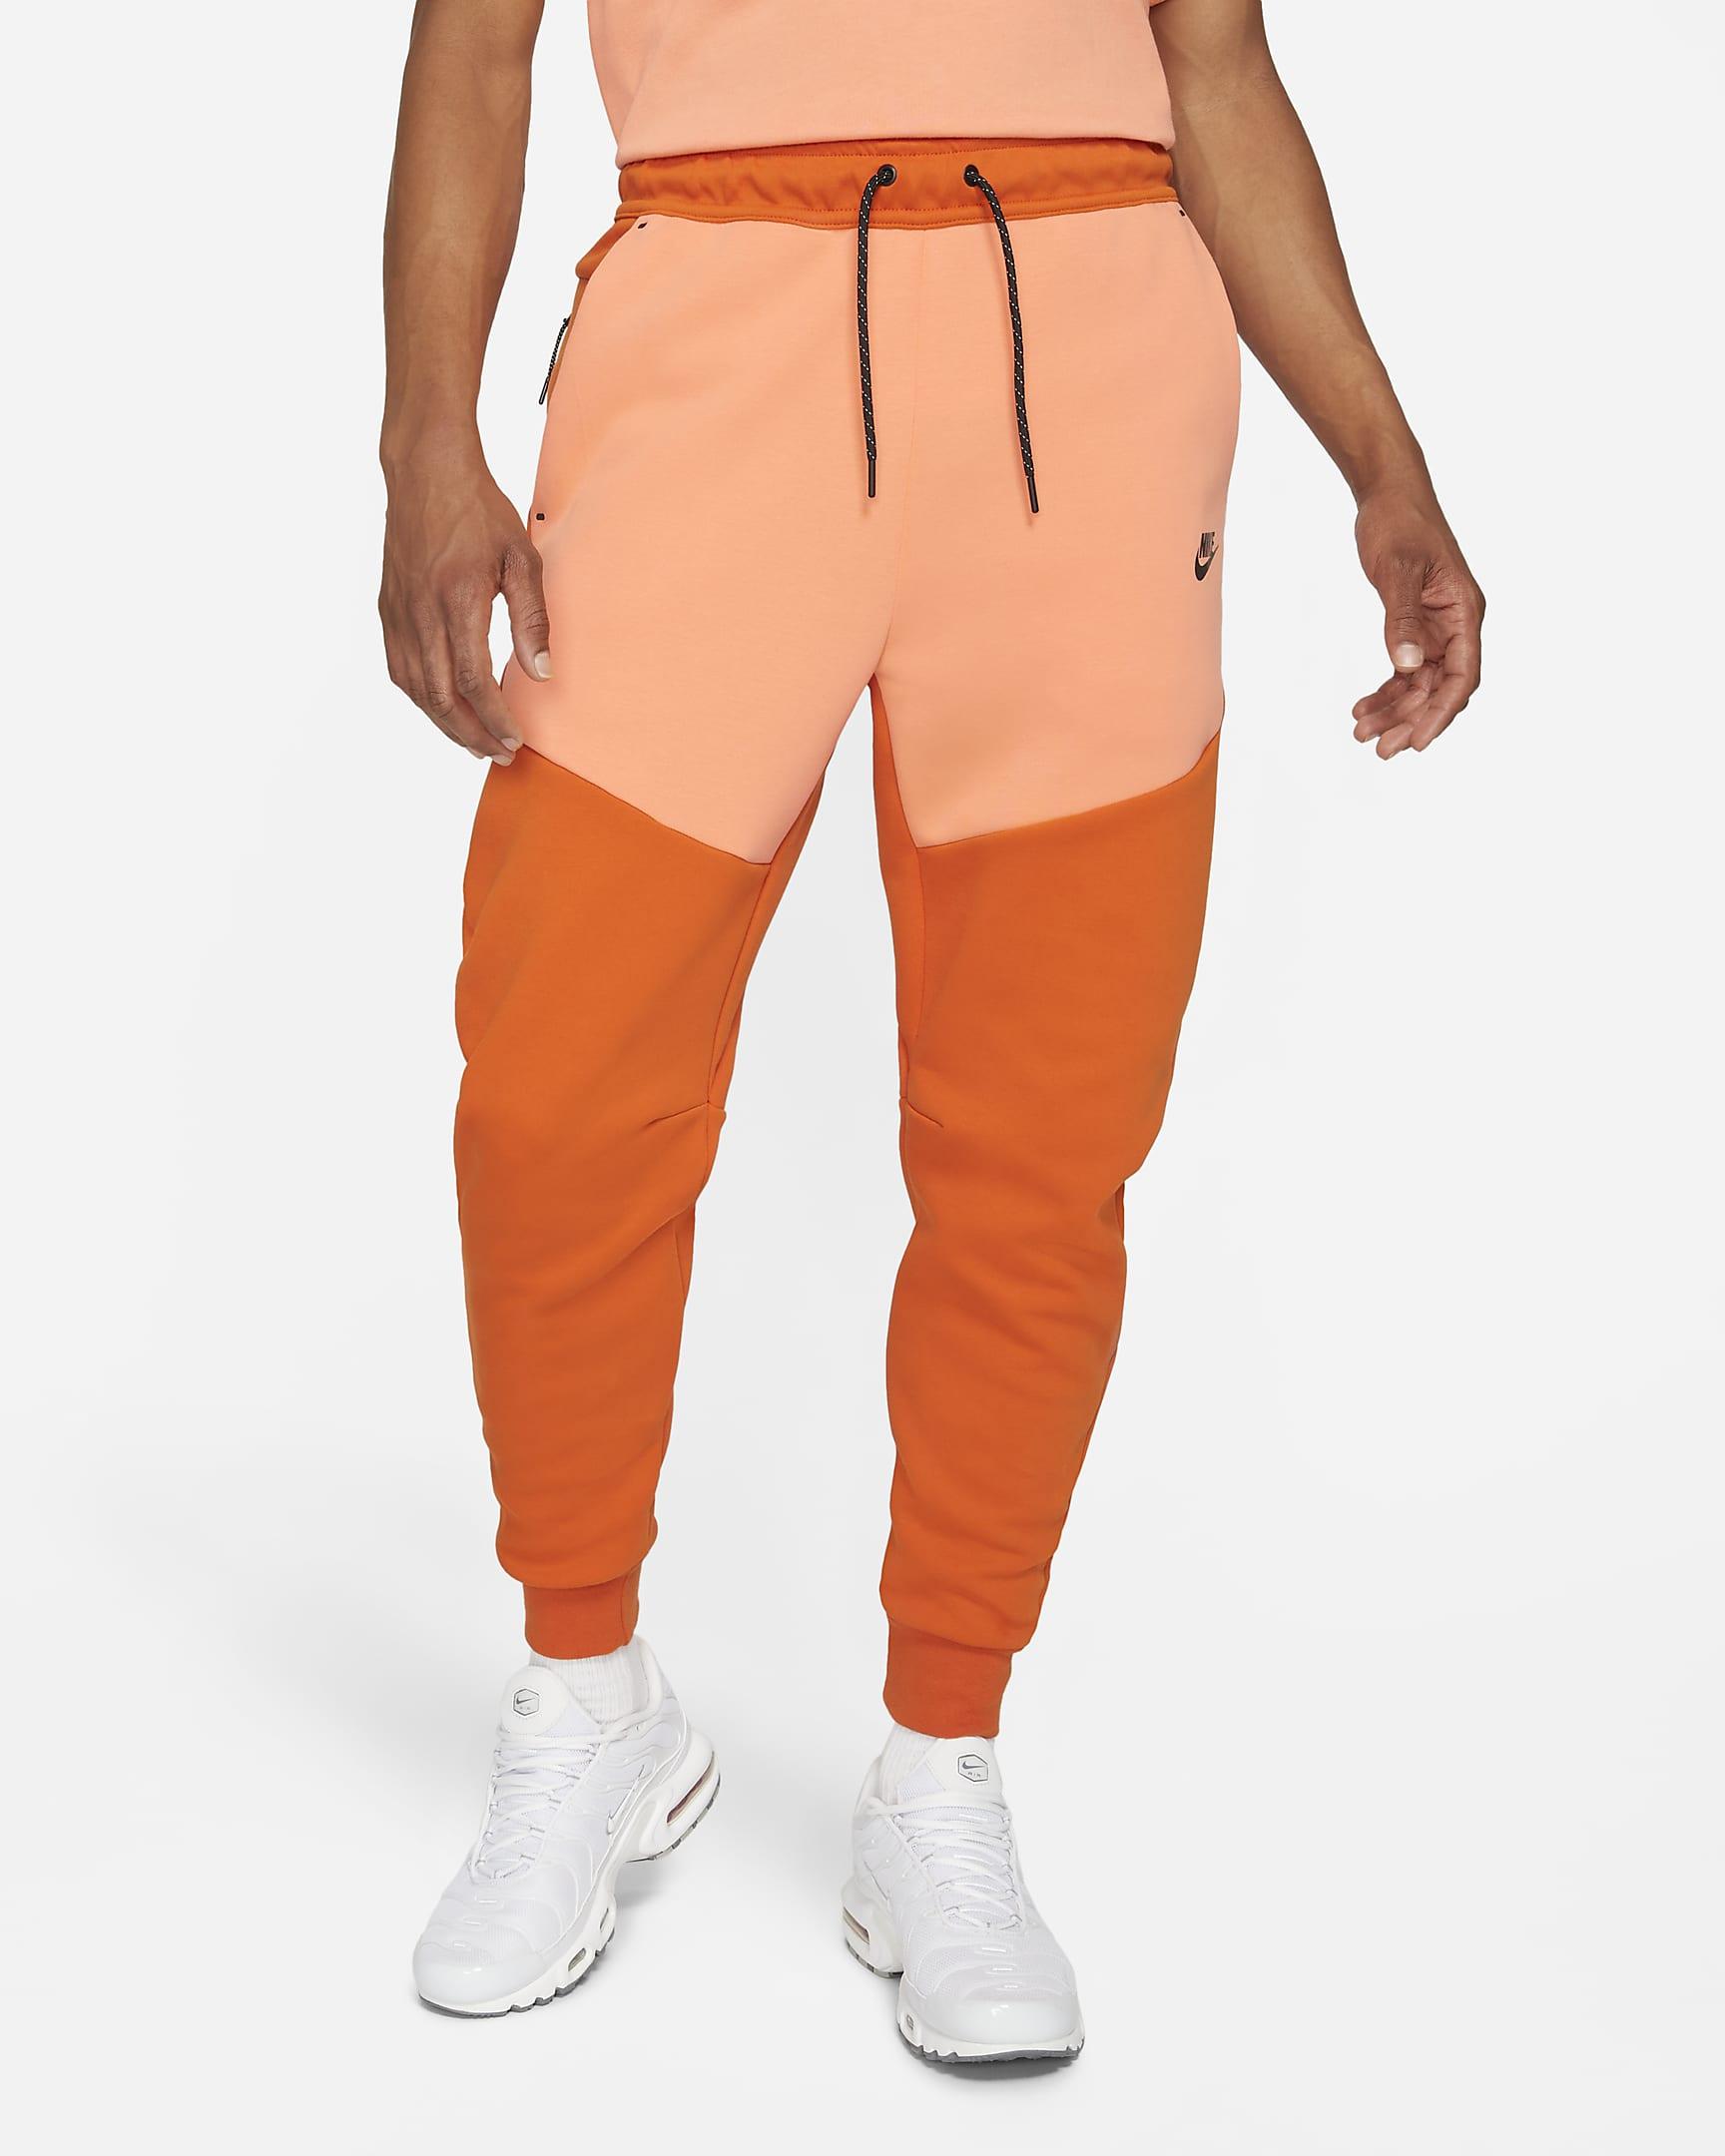 sportswear-tech-fleece-mens-joggers-4x29ft.png